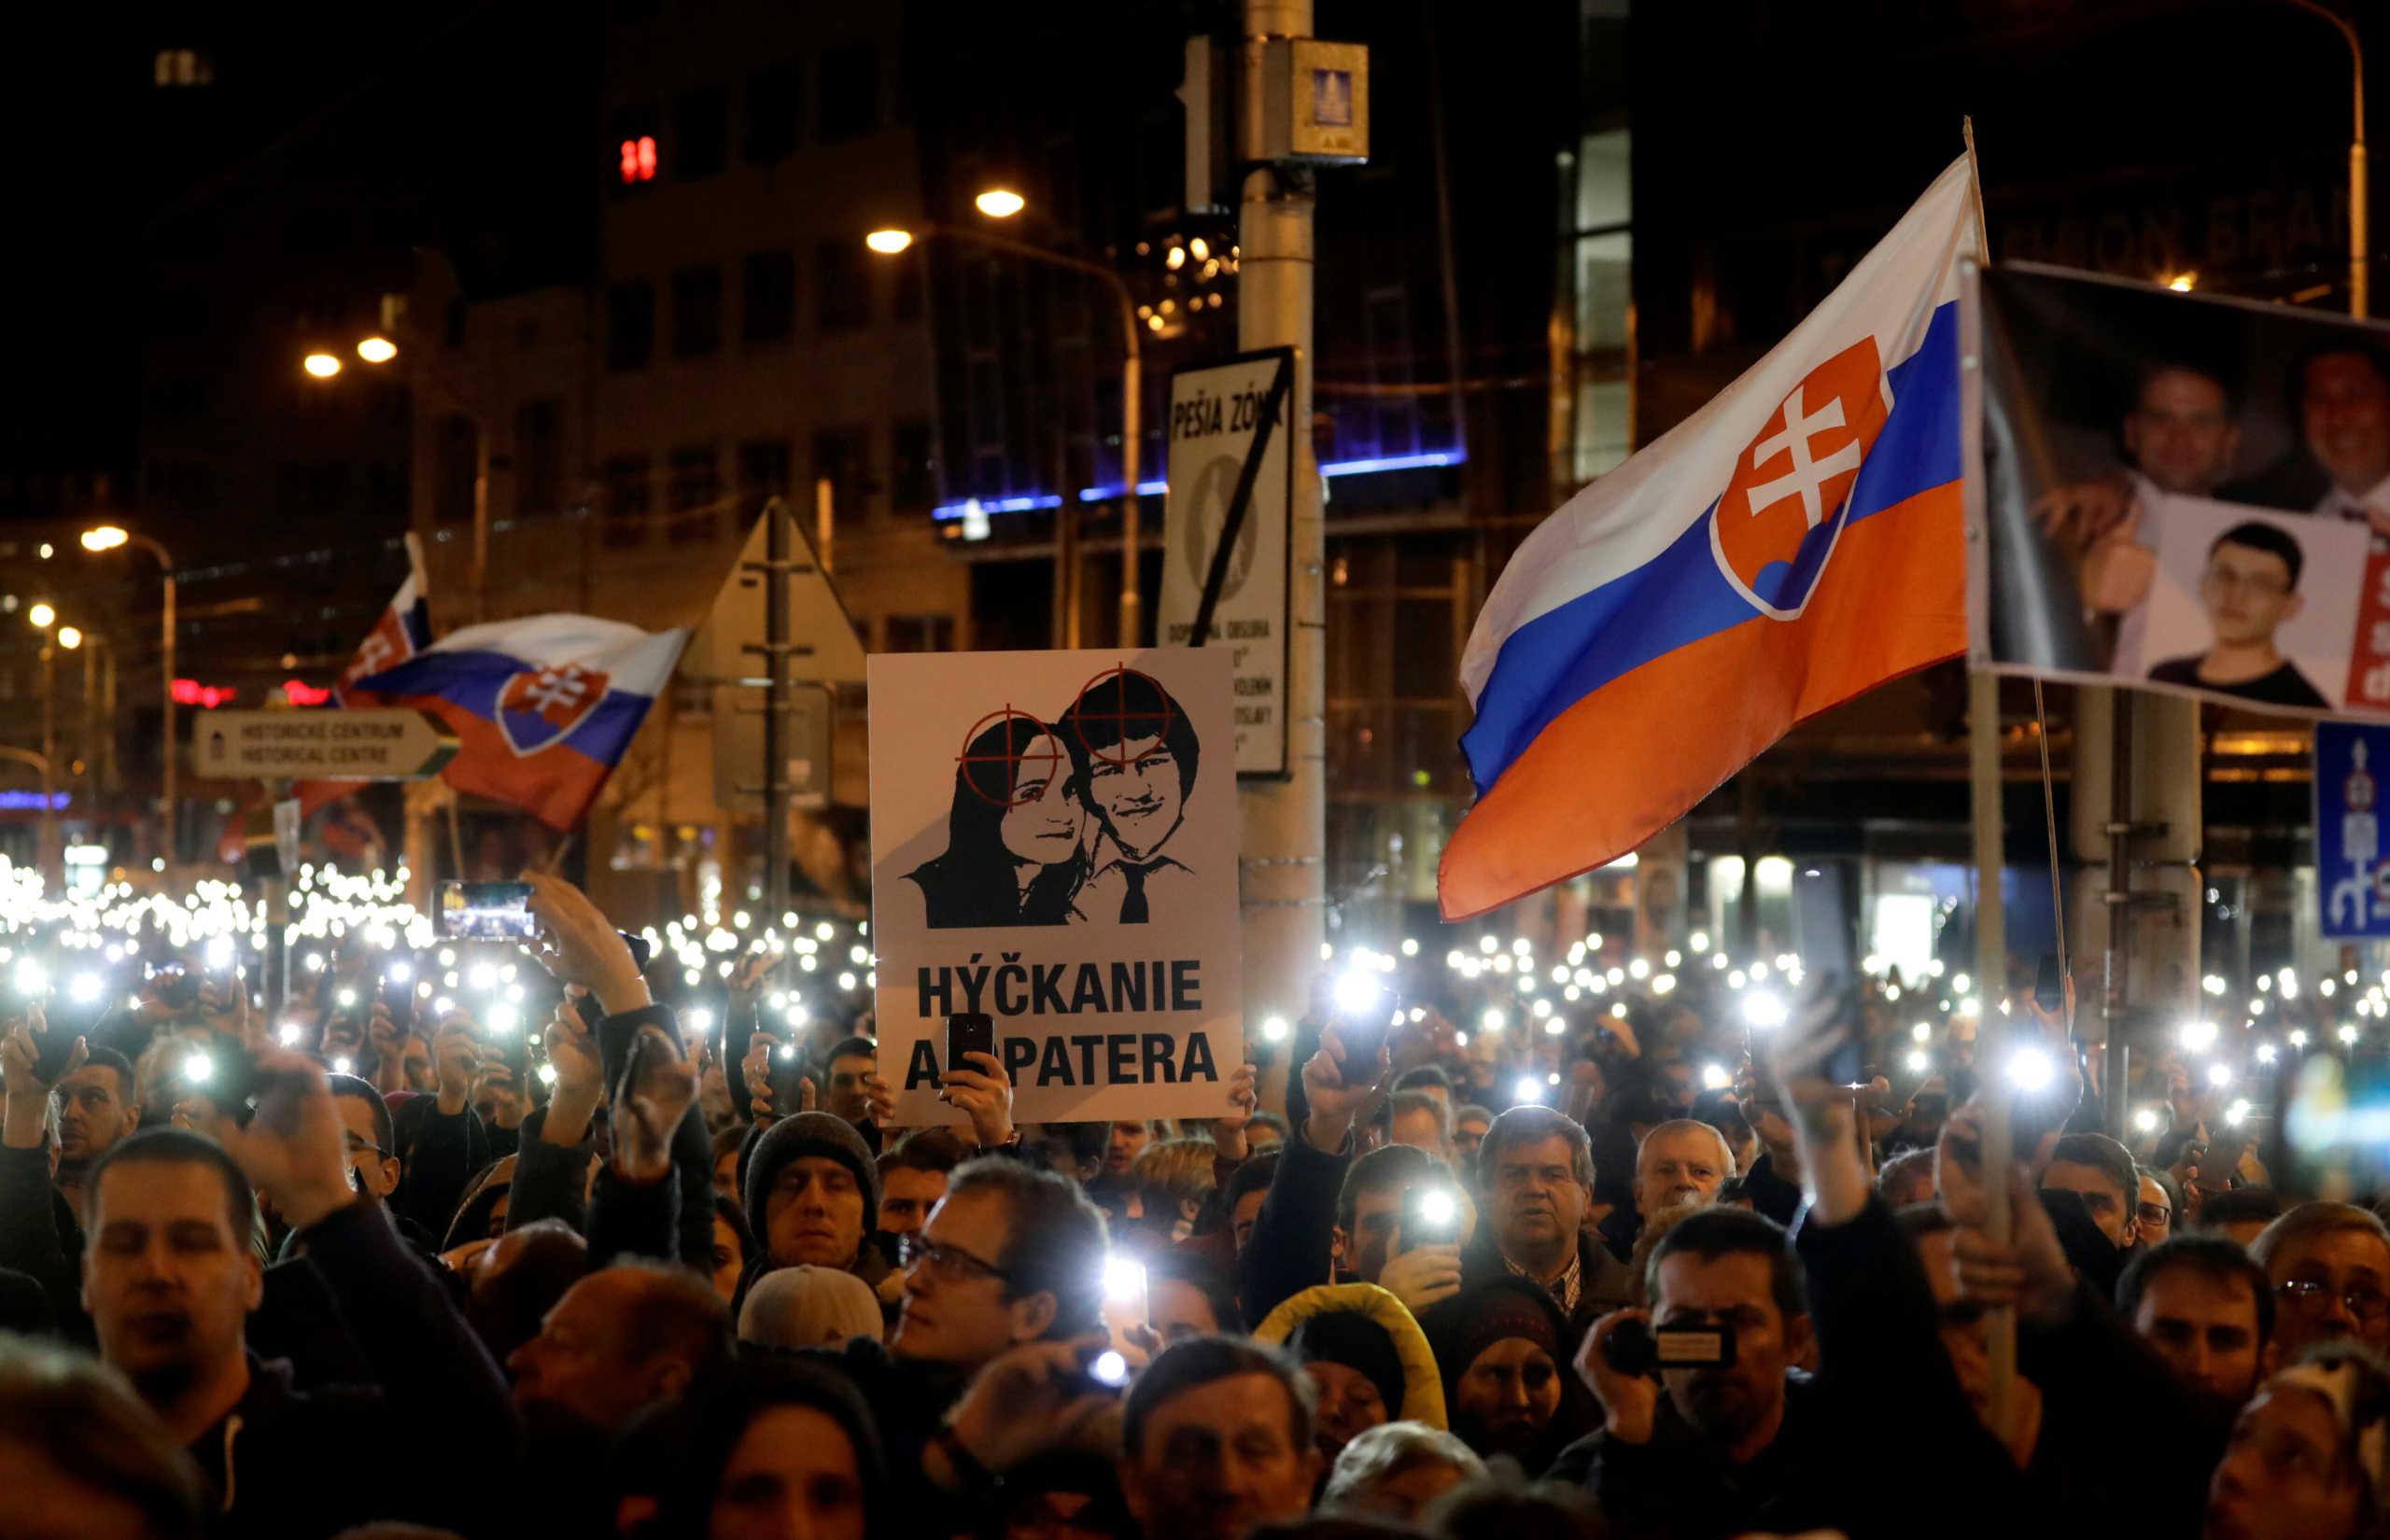 Σλοβακία: Καταδίκη για τη δολοφονία του ρεπόρτερ Κούτσιακ και της συντρόφου του (pics)